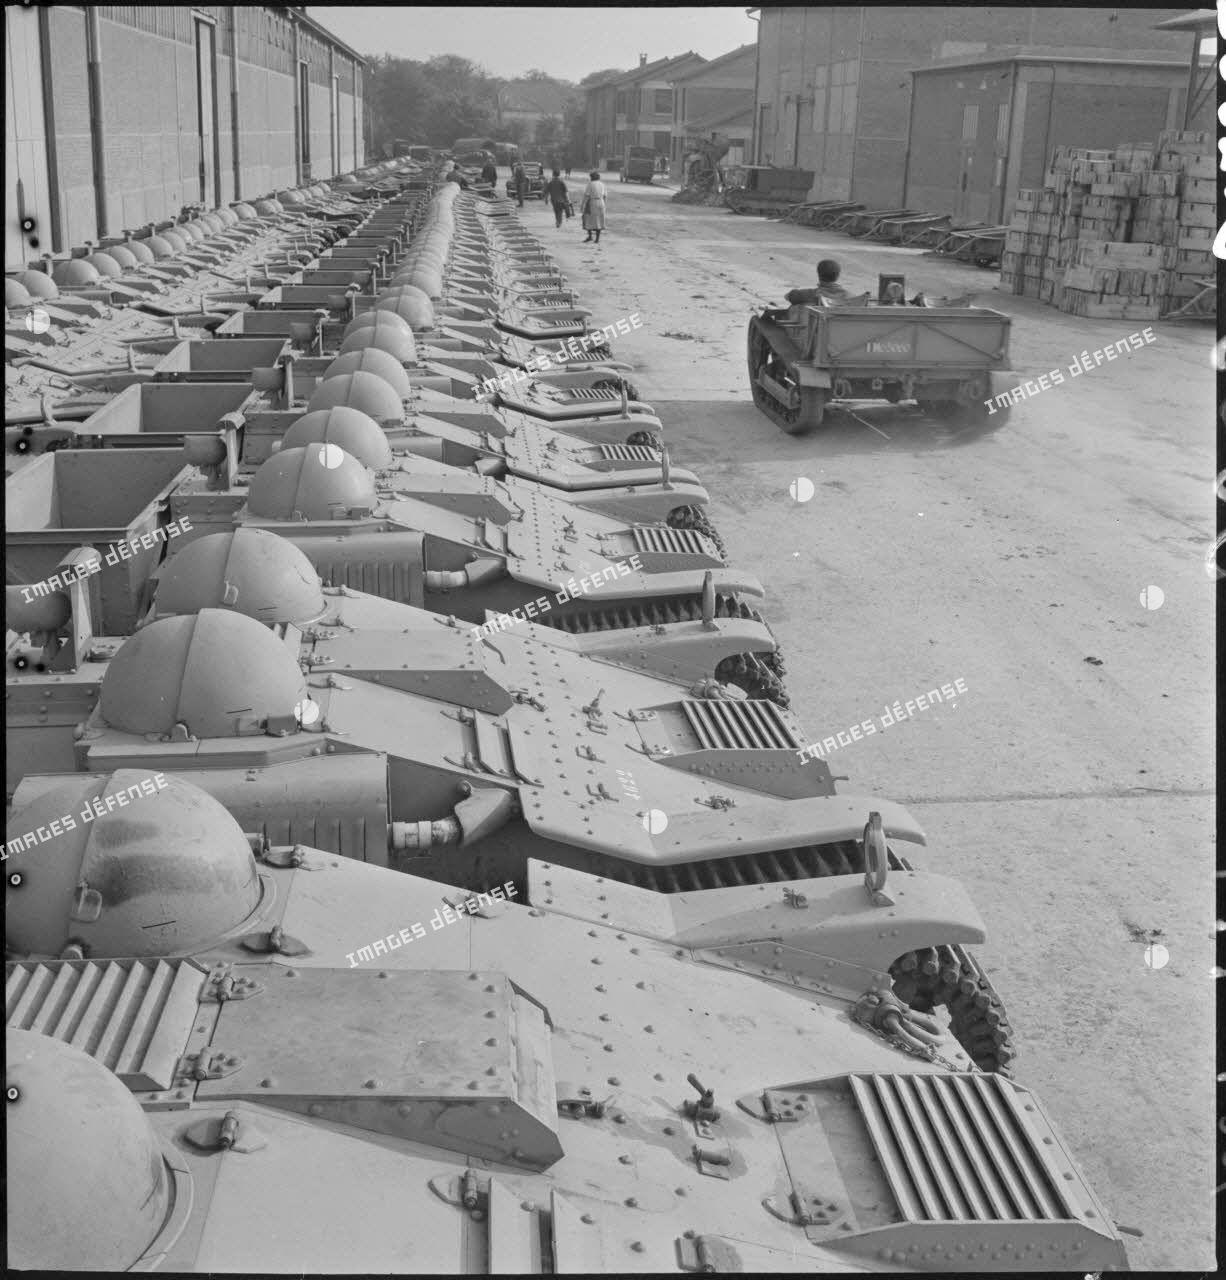 Chenillettes alignées à leur sortie des chaînes de montage de l'usine des Forges et chantiers de la Méditerranée (FCM) de La Seyne-sur-Mer.